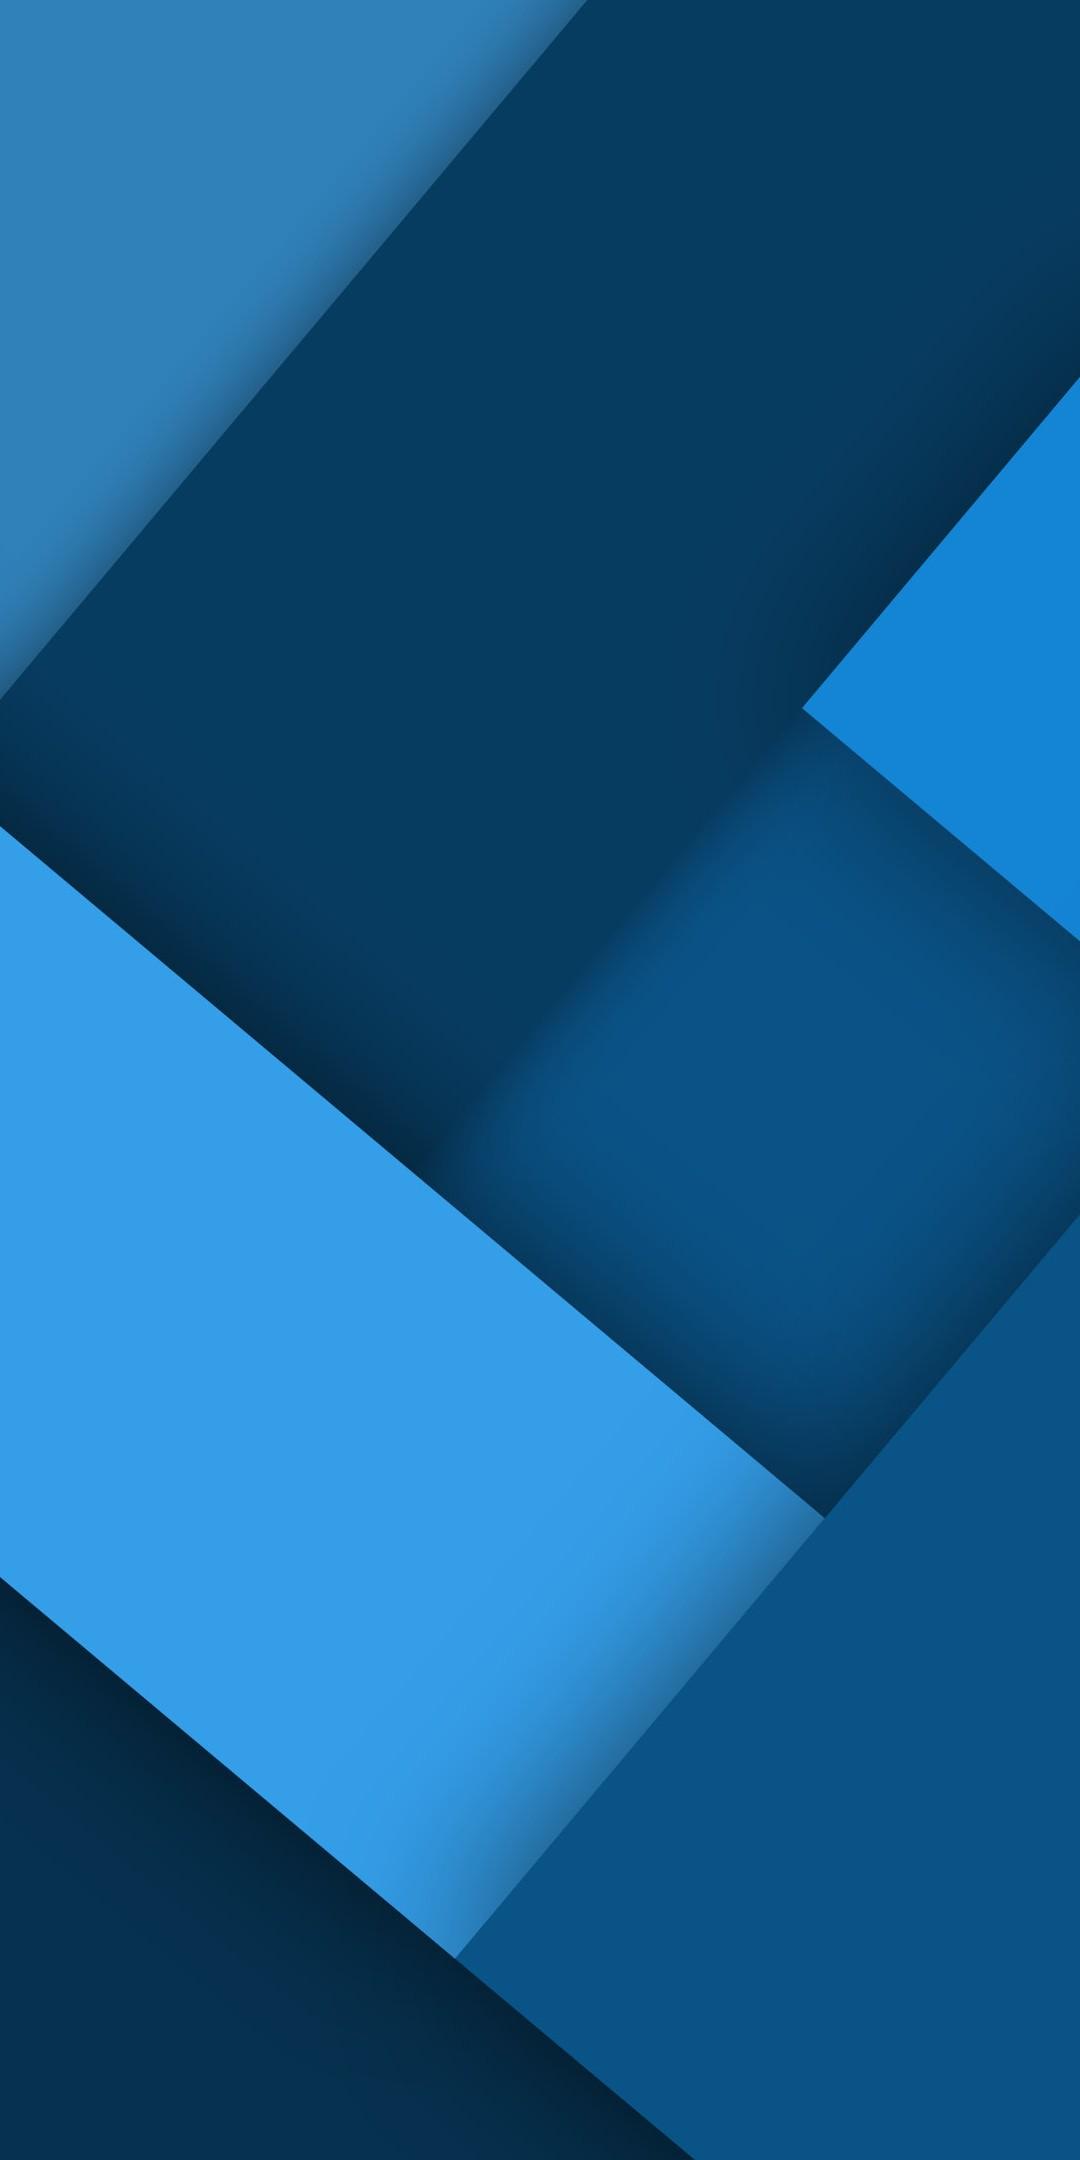 Patterns Ultra Hd Wallpaper 1080x2160